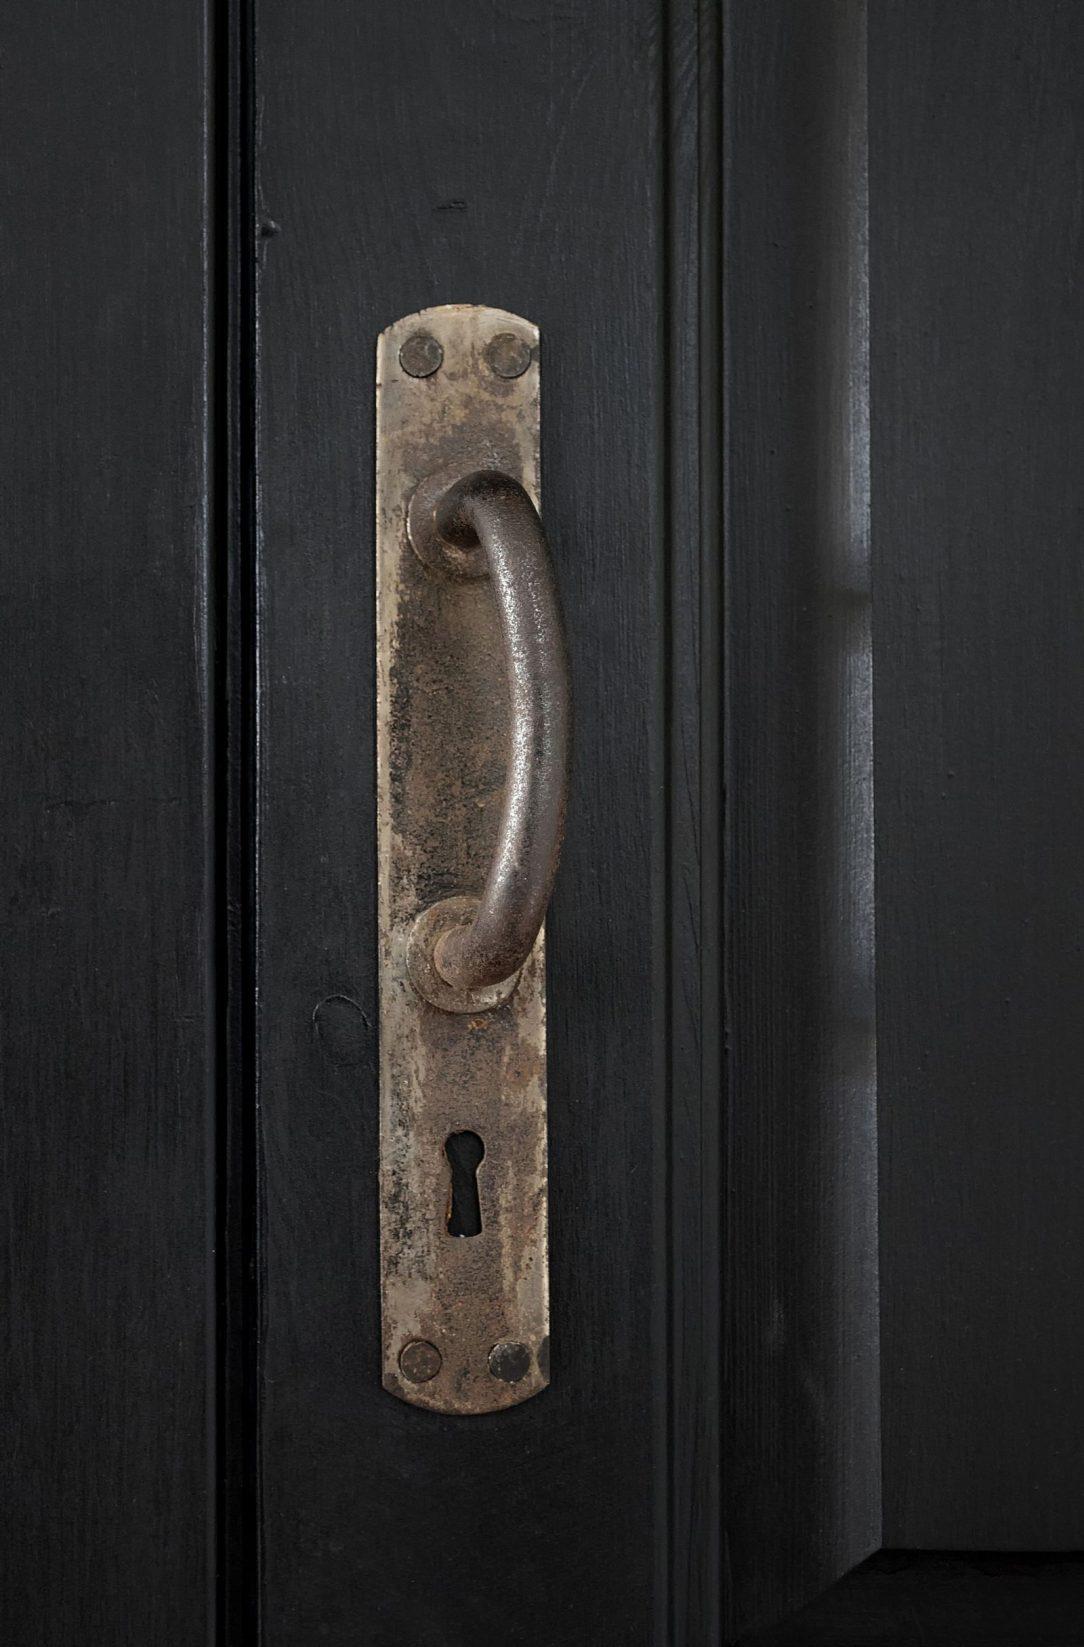 Aby dosiahli starnúci vzhľad kovových prvkov interiéru a odhalili ich štruktúru použili tzv. bluing.